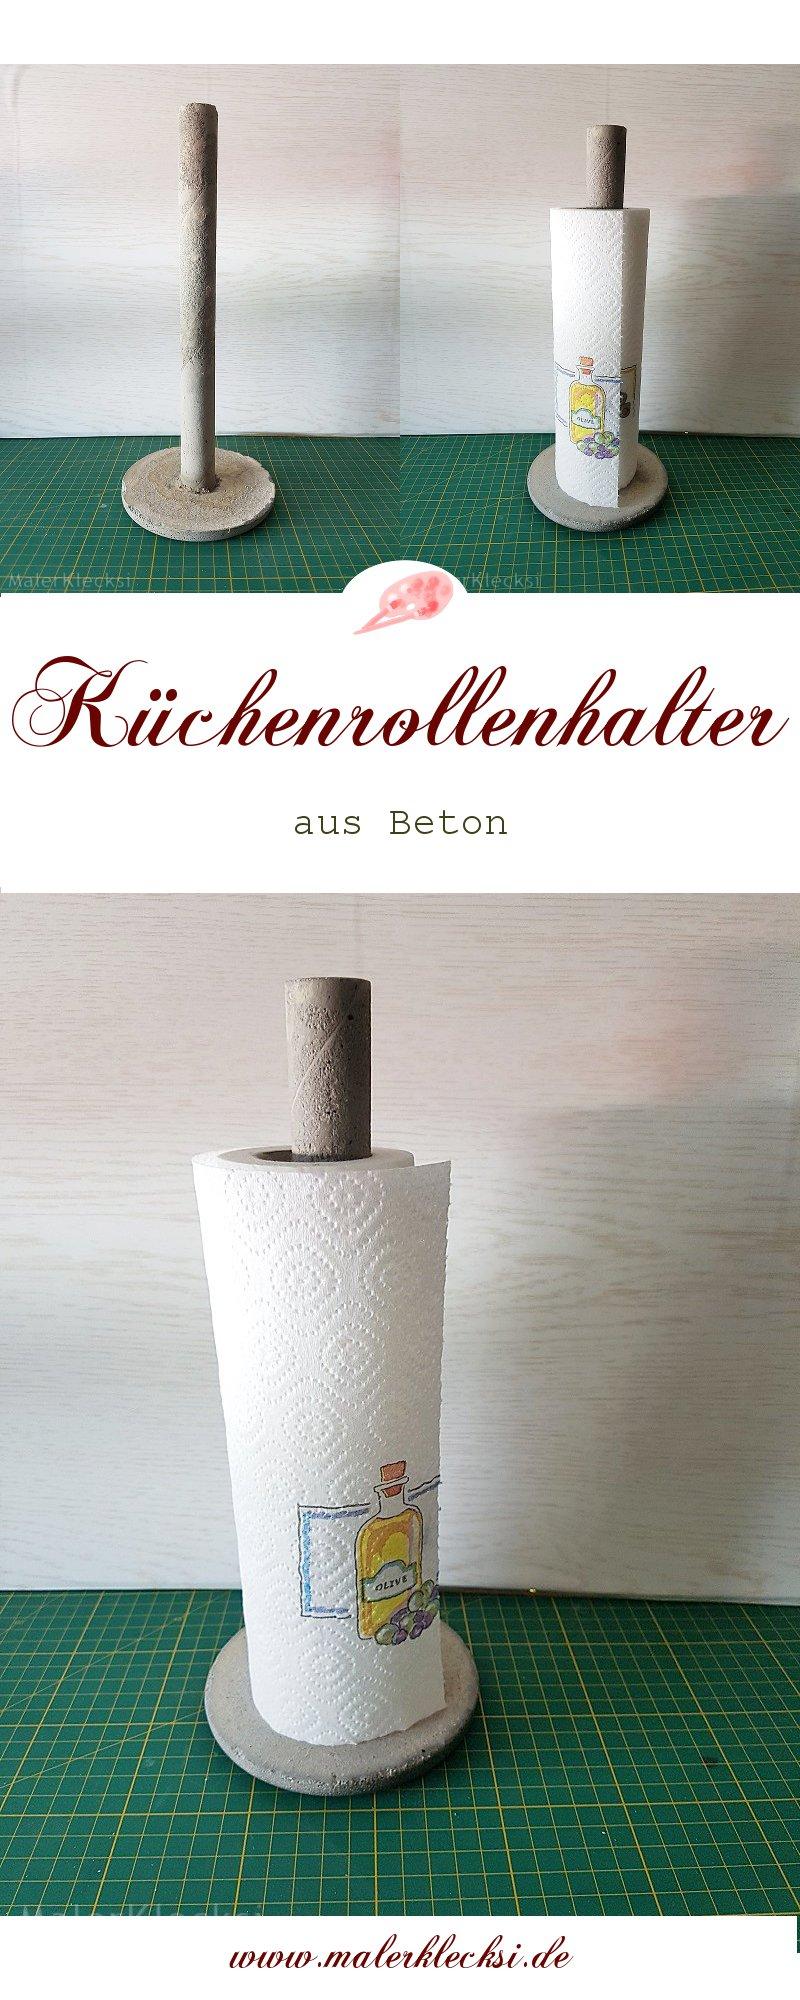 Küchenrollenhalter aus Beton